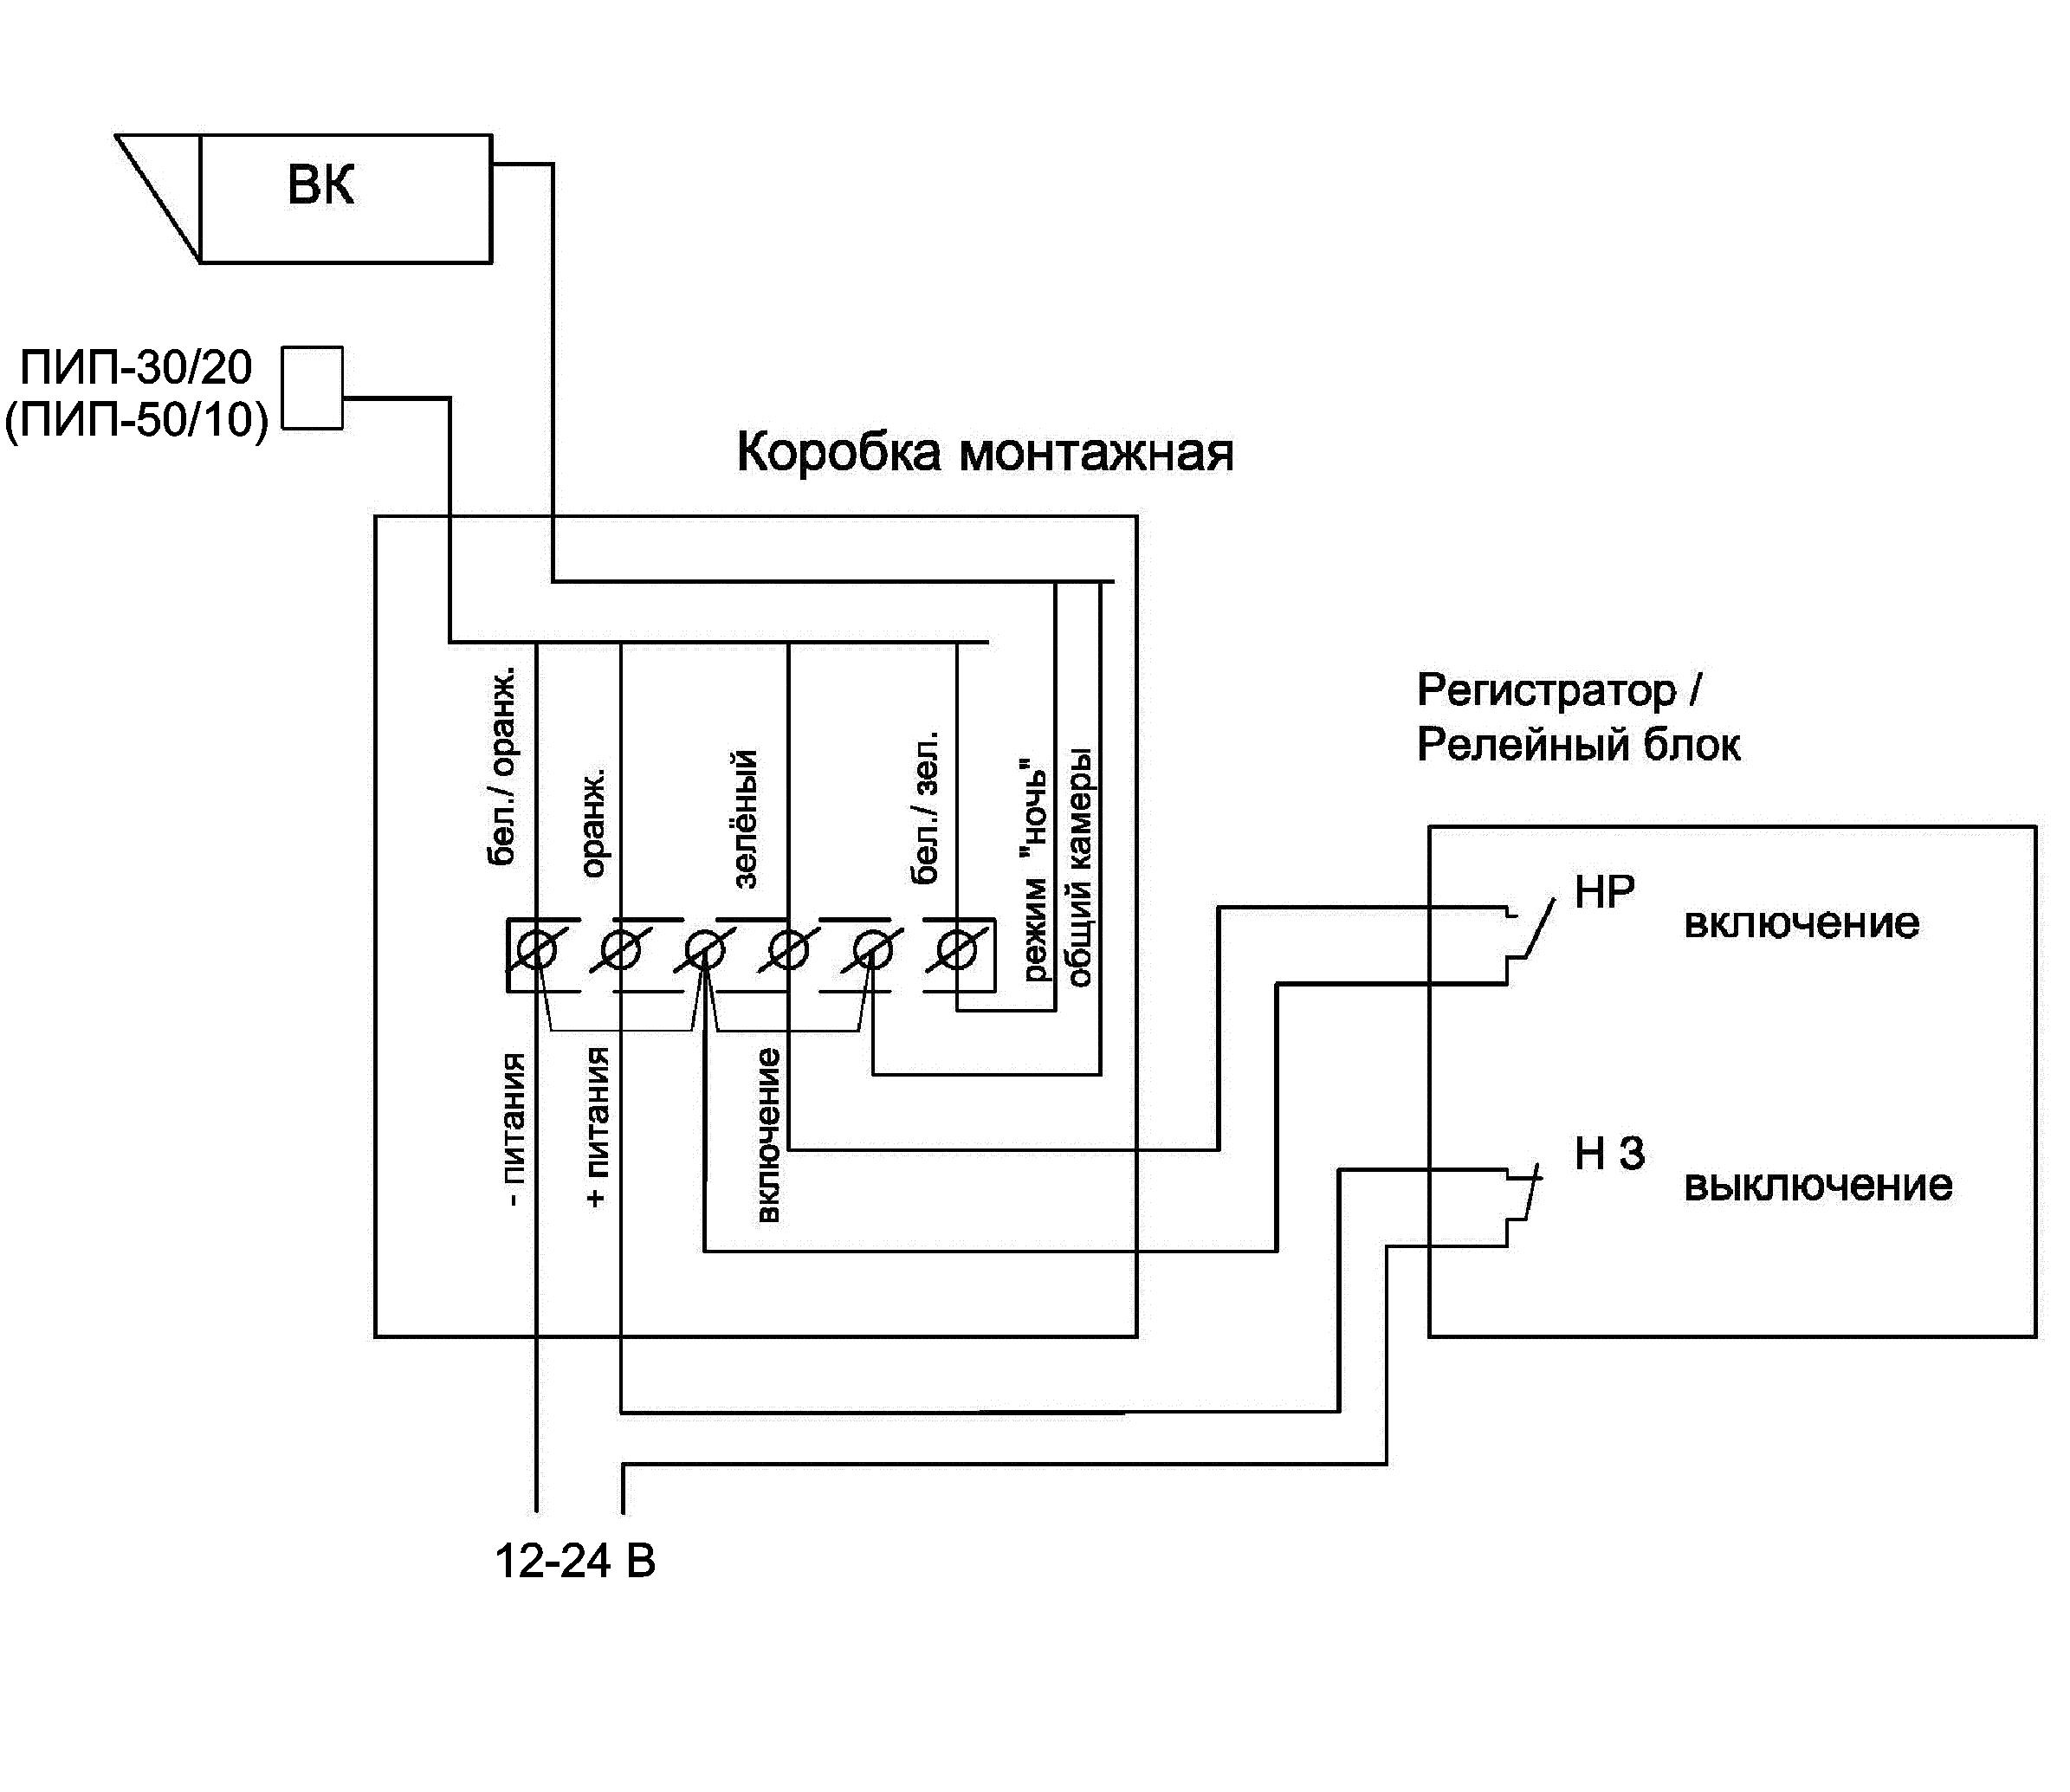 Схема подключения ПИП-30/20 (ПИП-50/10) во всех режимах управления